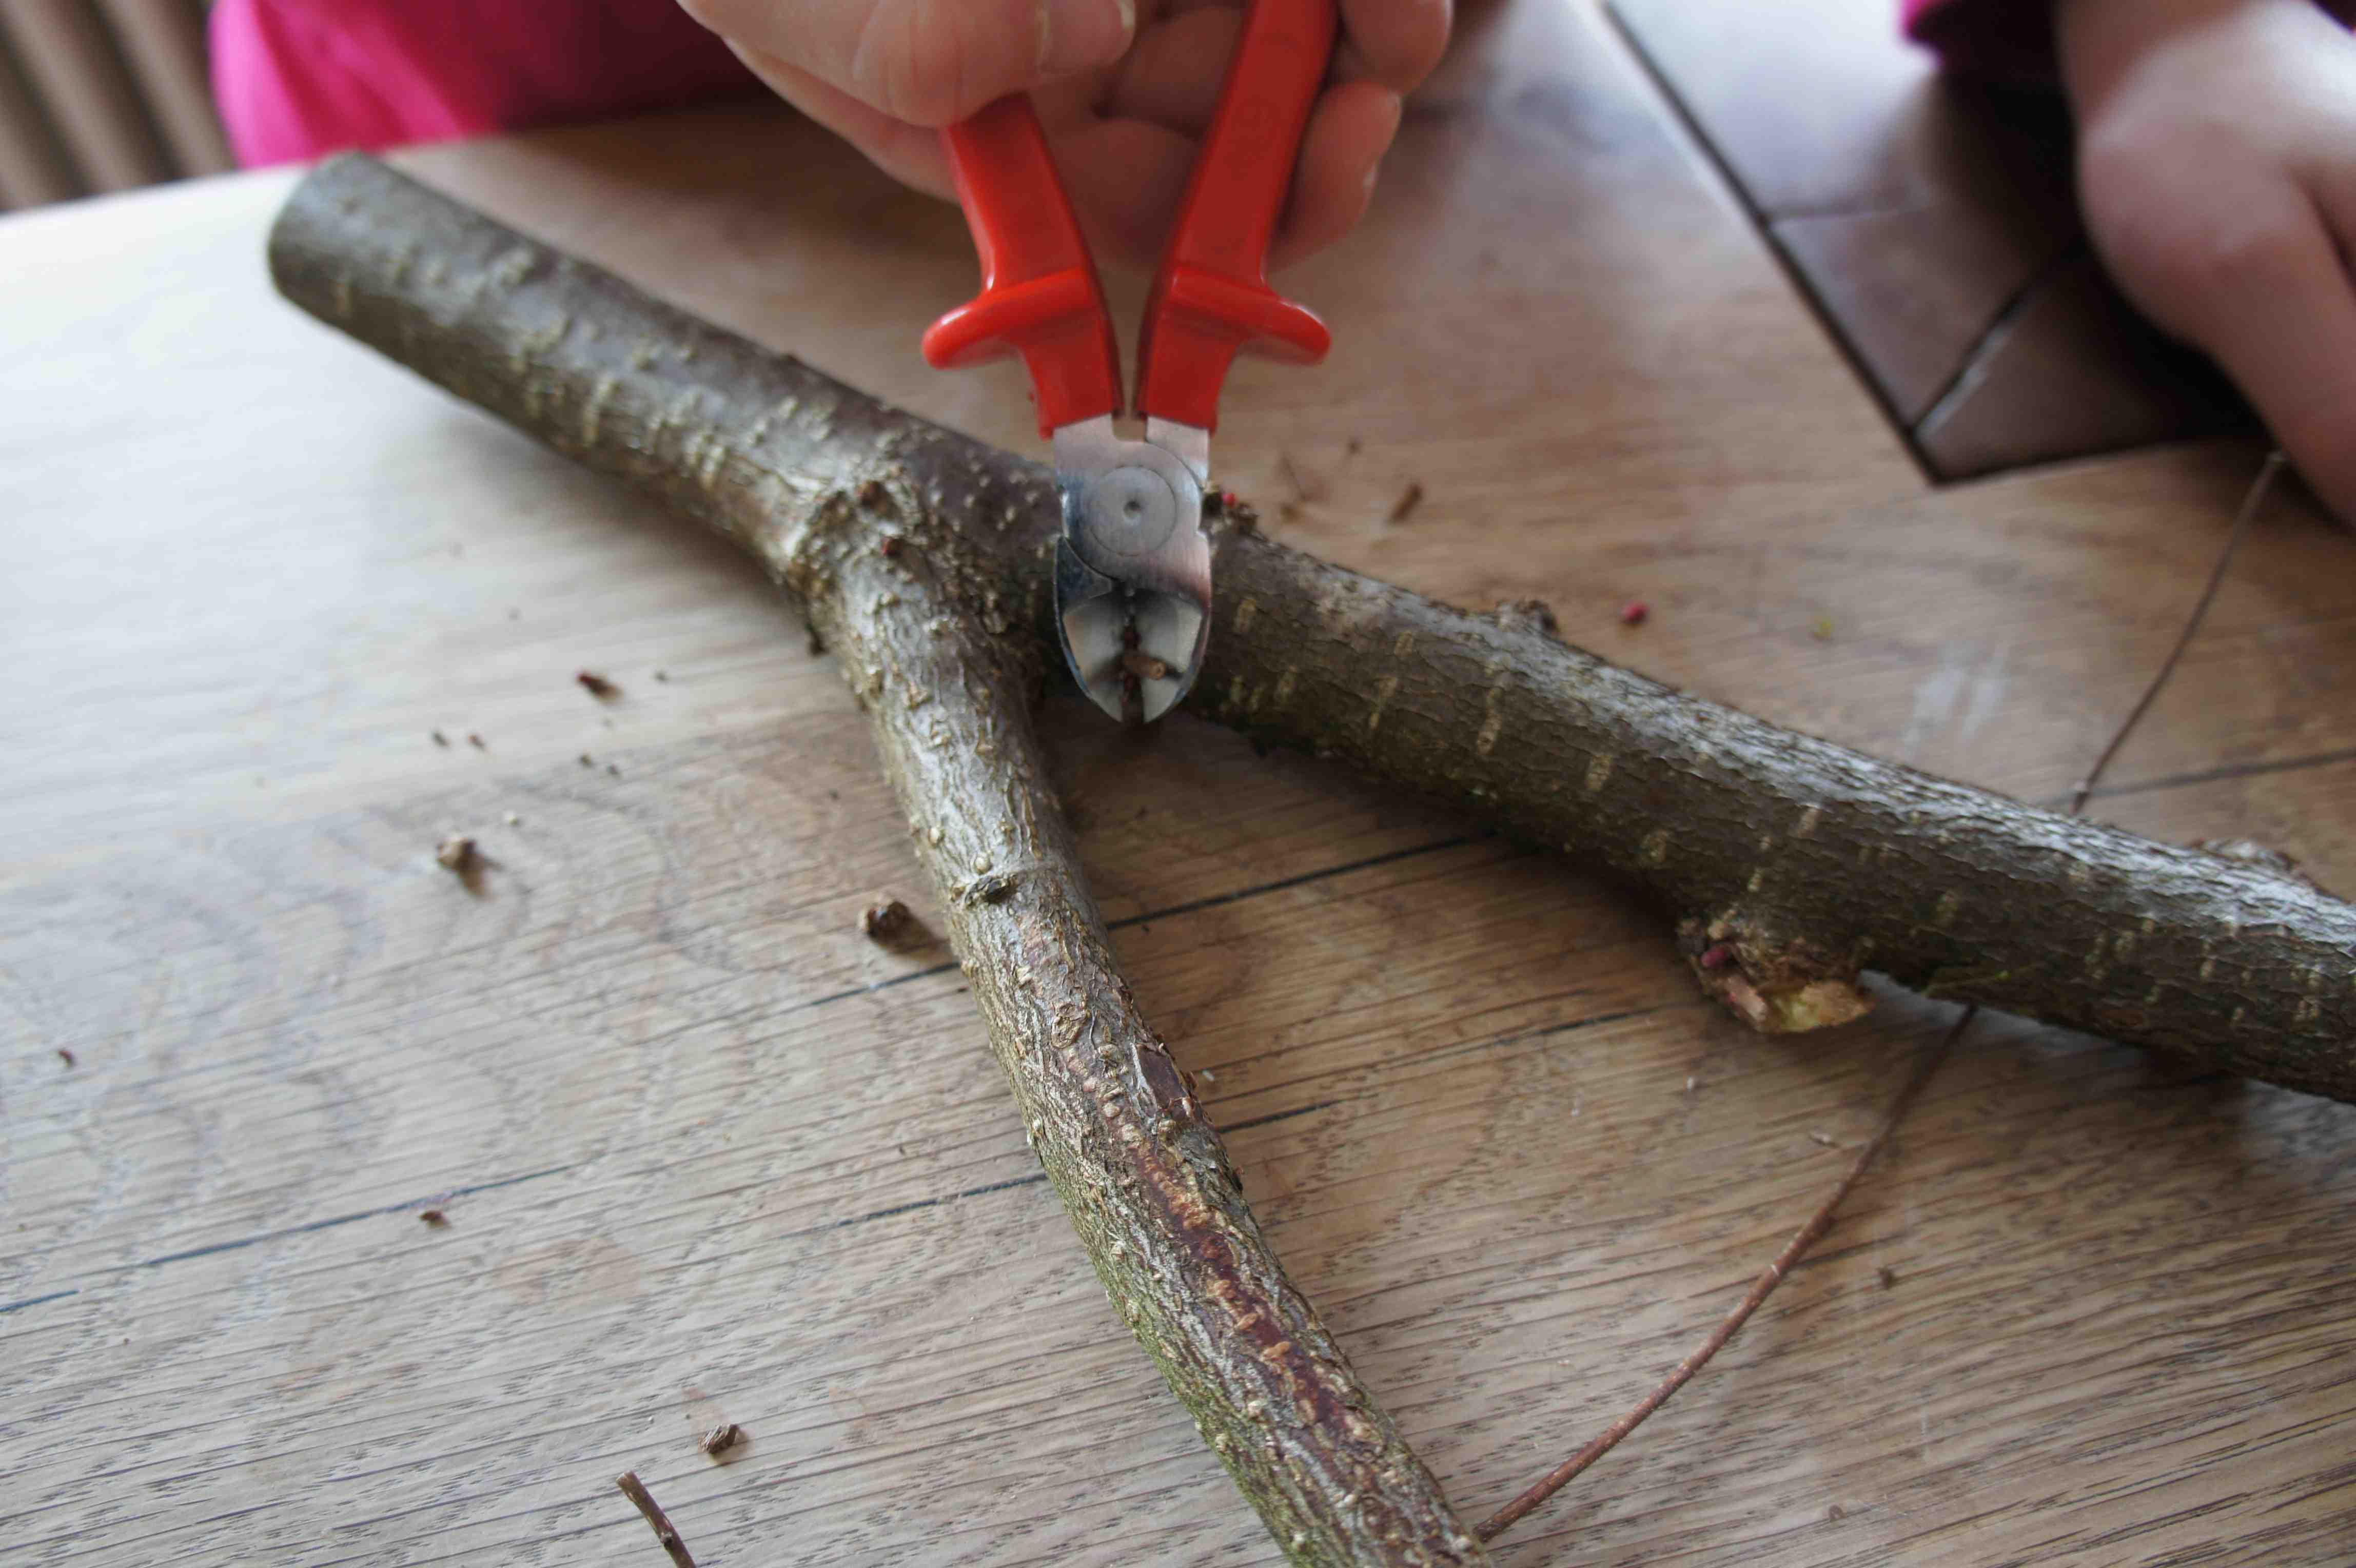 Zuerst schneidet Ihr mit der Zange oder dem Messer die Astgabe zurecht und entfernt die kleinen Zweige. Foto: (c) Kinderoutdoor.de